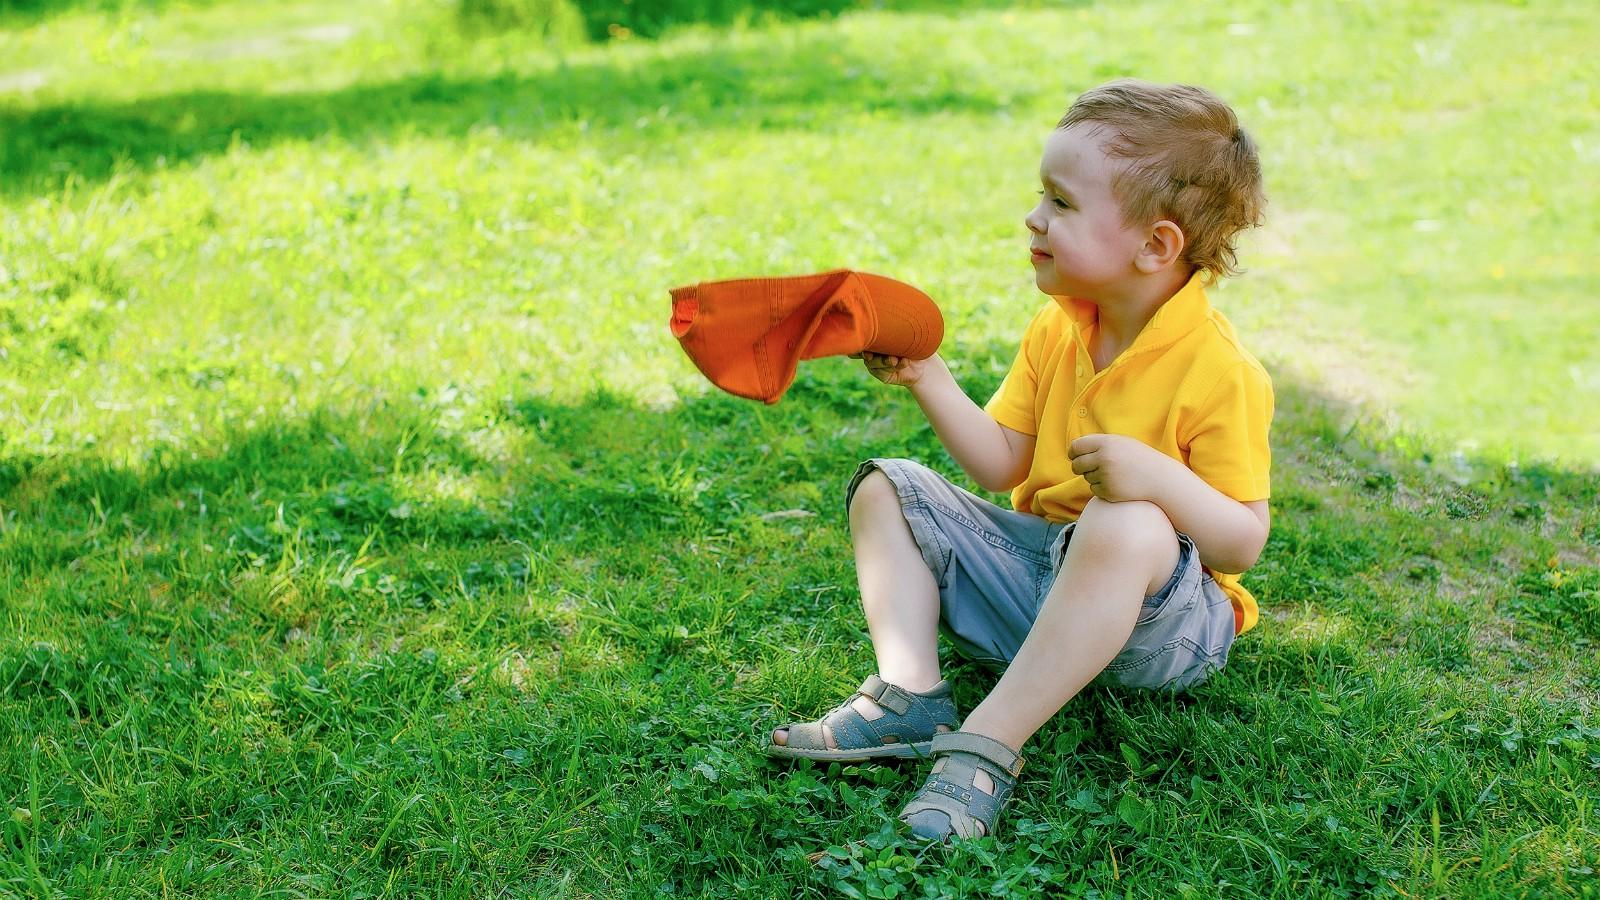 Colpo di calore nei bambini